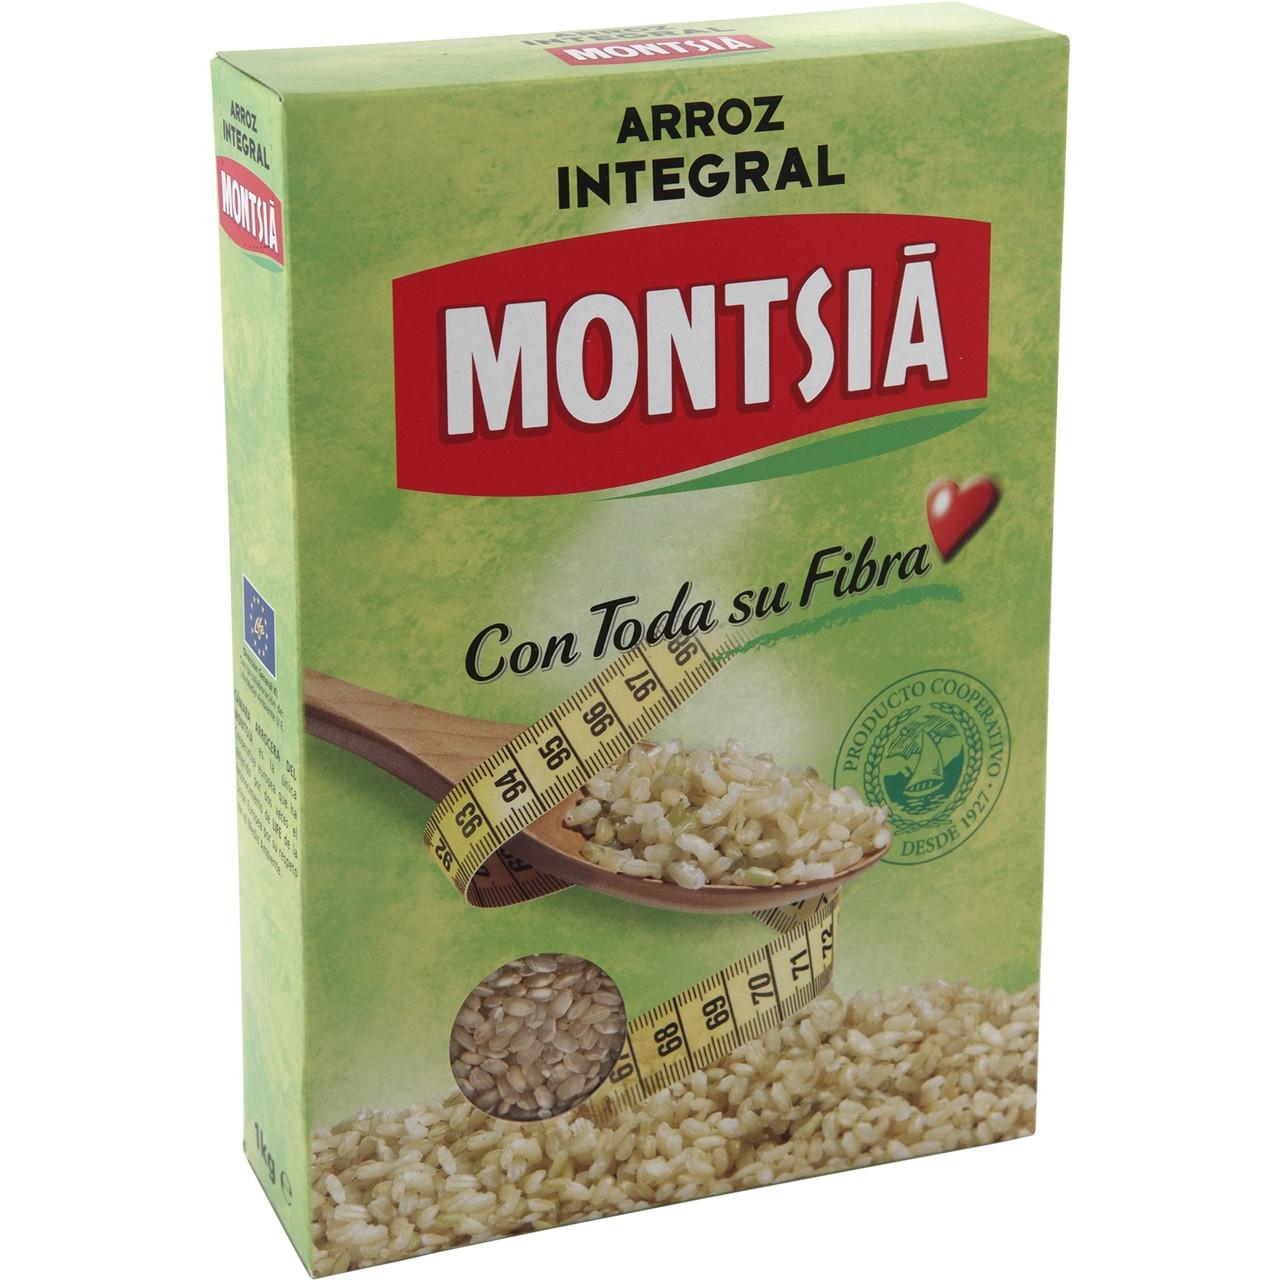 Arròs 1kg integral Montsià